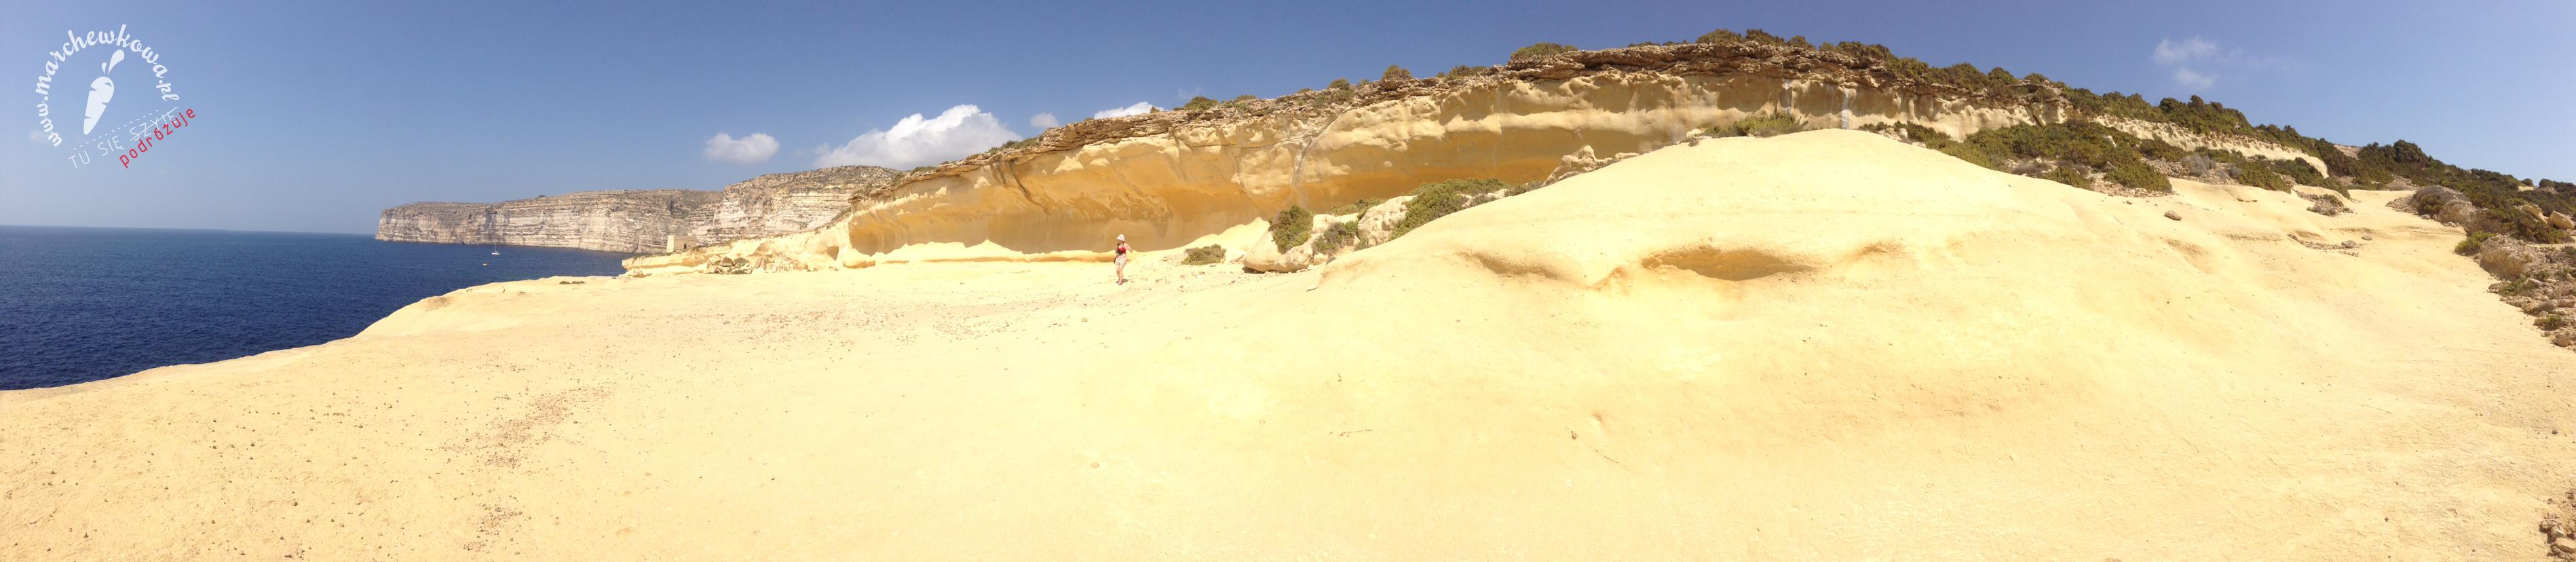 Malta happened, wakacje na Malcie, koszty, ile euro zabrać ze sobą, ile kosztuje jedzenie, Gozo, prom, morze, podróż, lot, Ryanair, ceny biletów lotniczych na Maltę, wylot z Wrocławia, urlop, wycieczka, plaże, tradycyjne jedzenie, Airbnb, zakwaterowanie